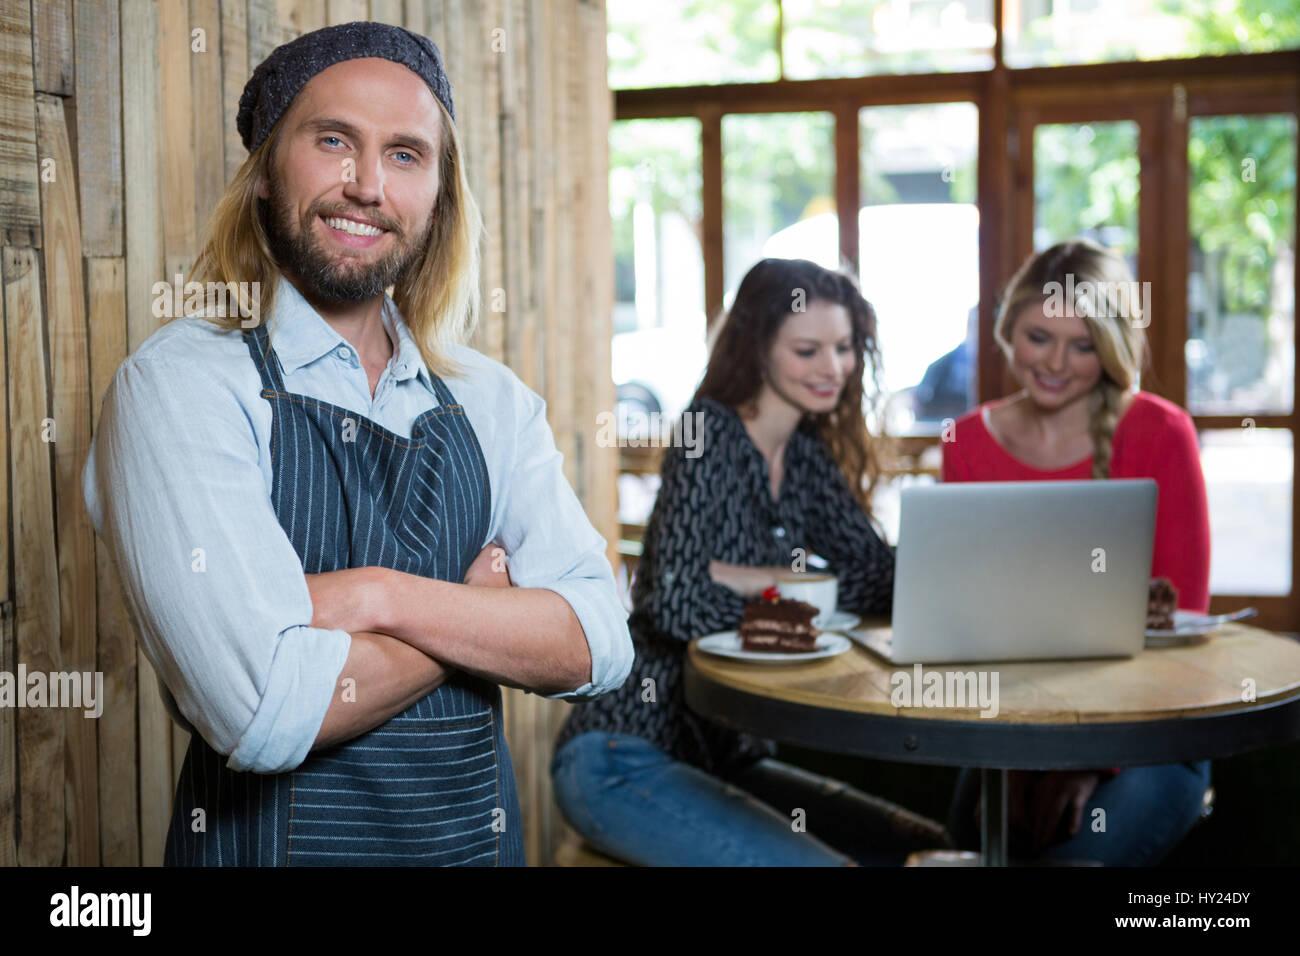 Porträt von zuversichtlich männliche Barista mit weiblichen Kunden im Hintergrund im café Stockfoto